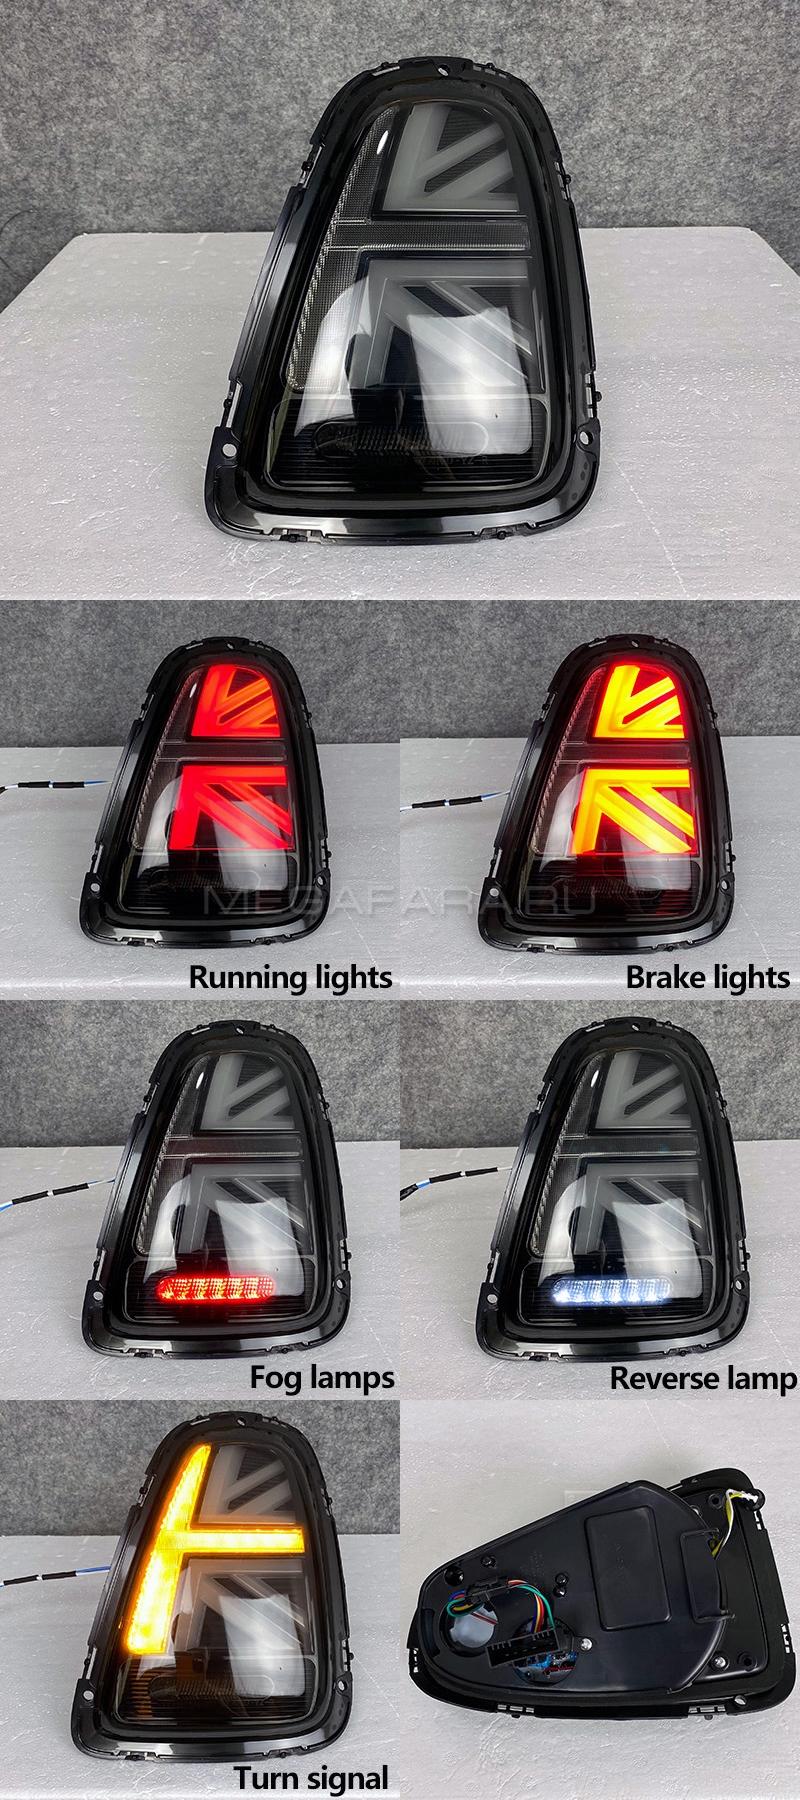 Задние фонари Мини Купер R56 Union Jack 2007-2013 V3 type ТЕМНО-ДЫМЧАТЫЕ [Комплект Л+П; Светодиодные]